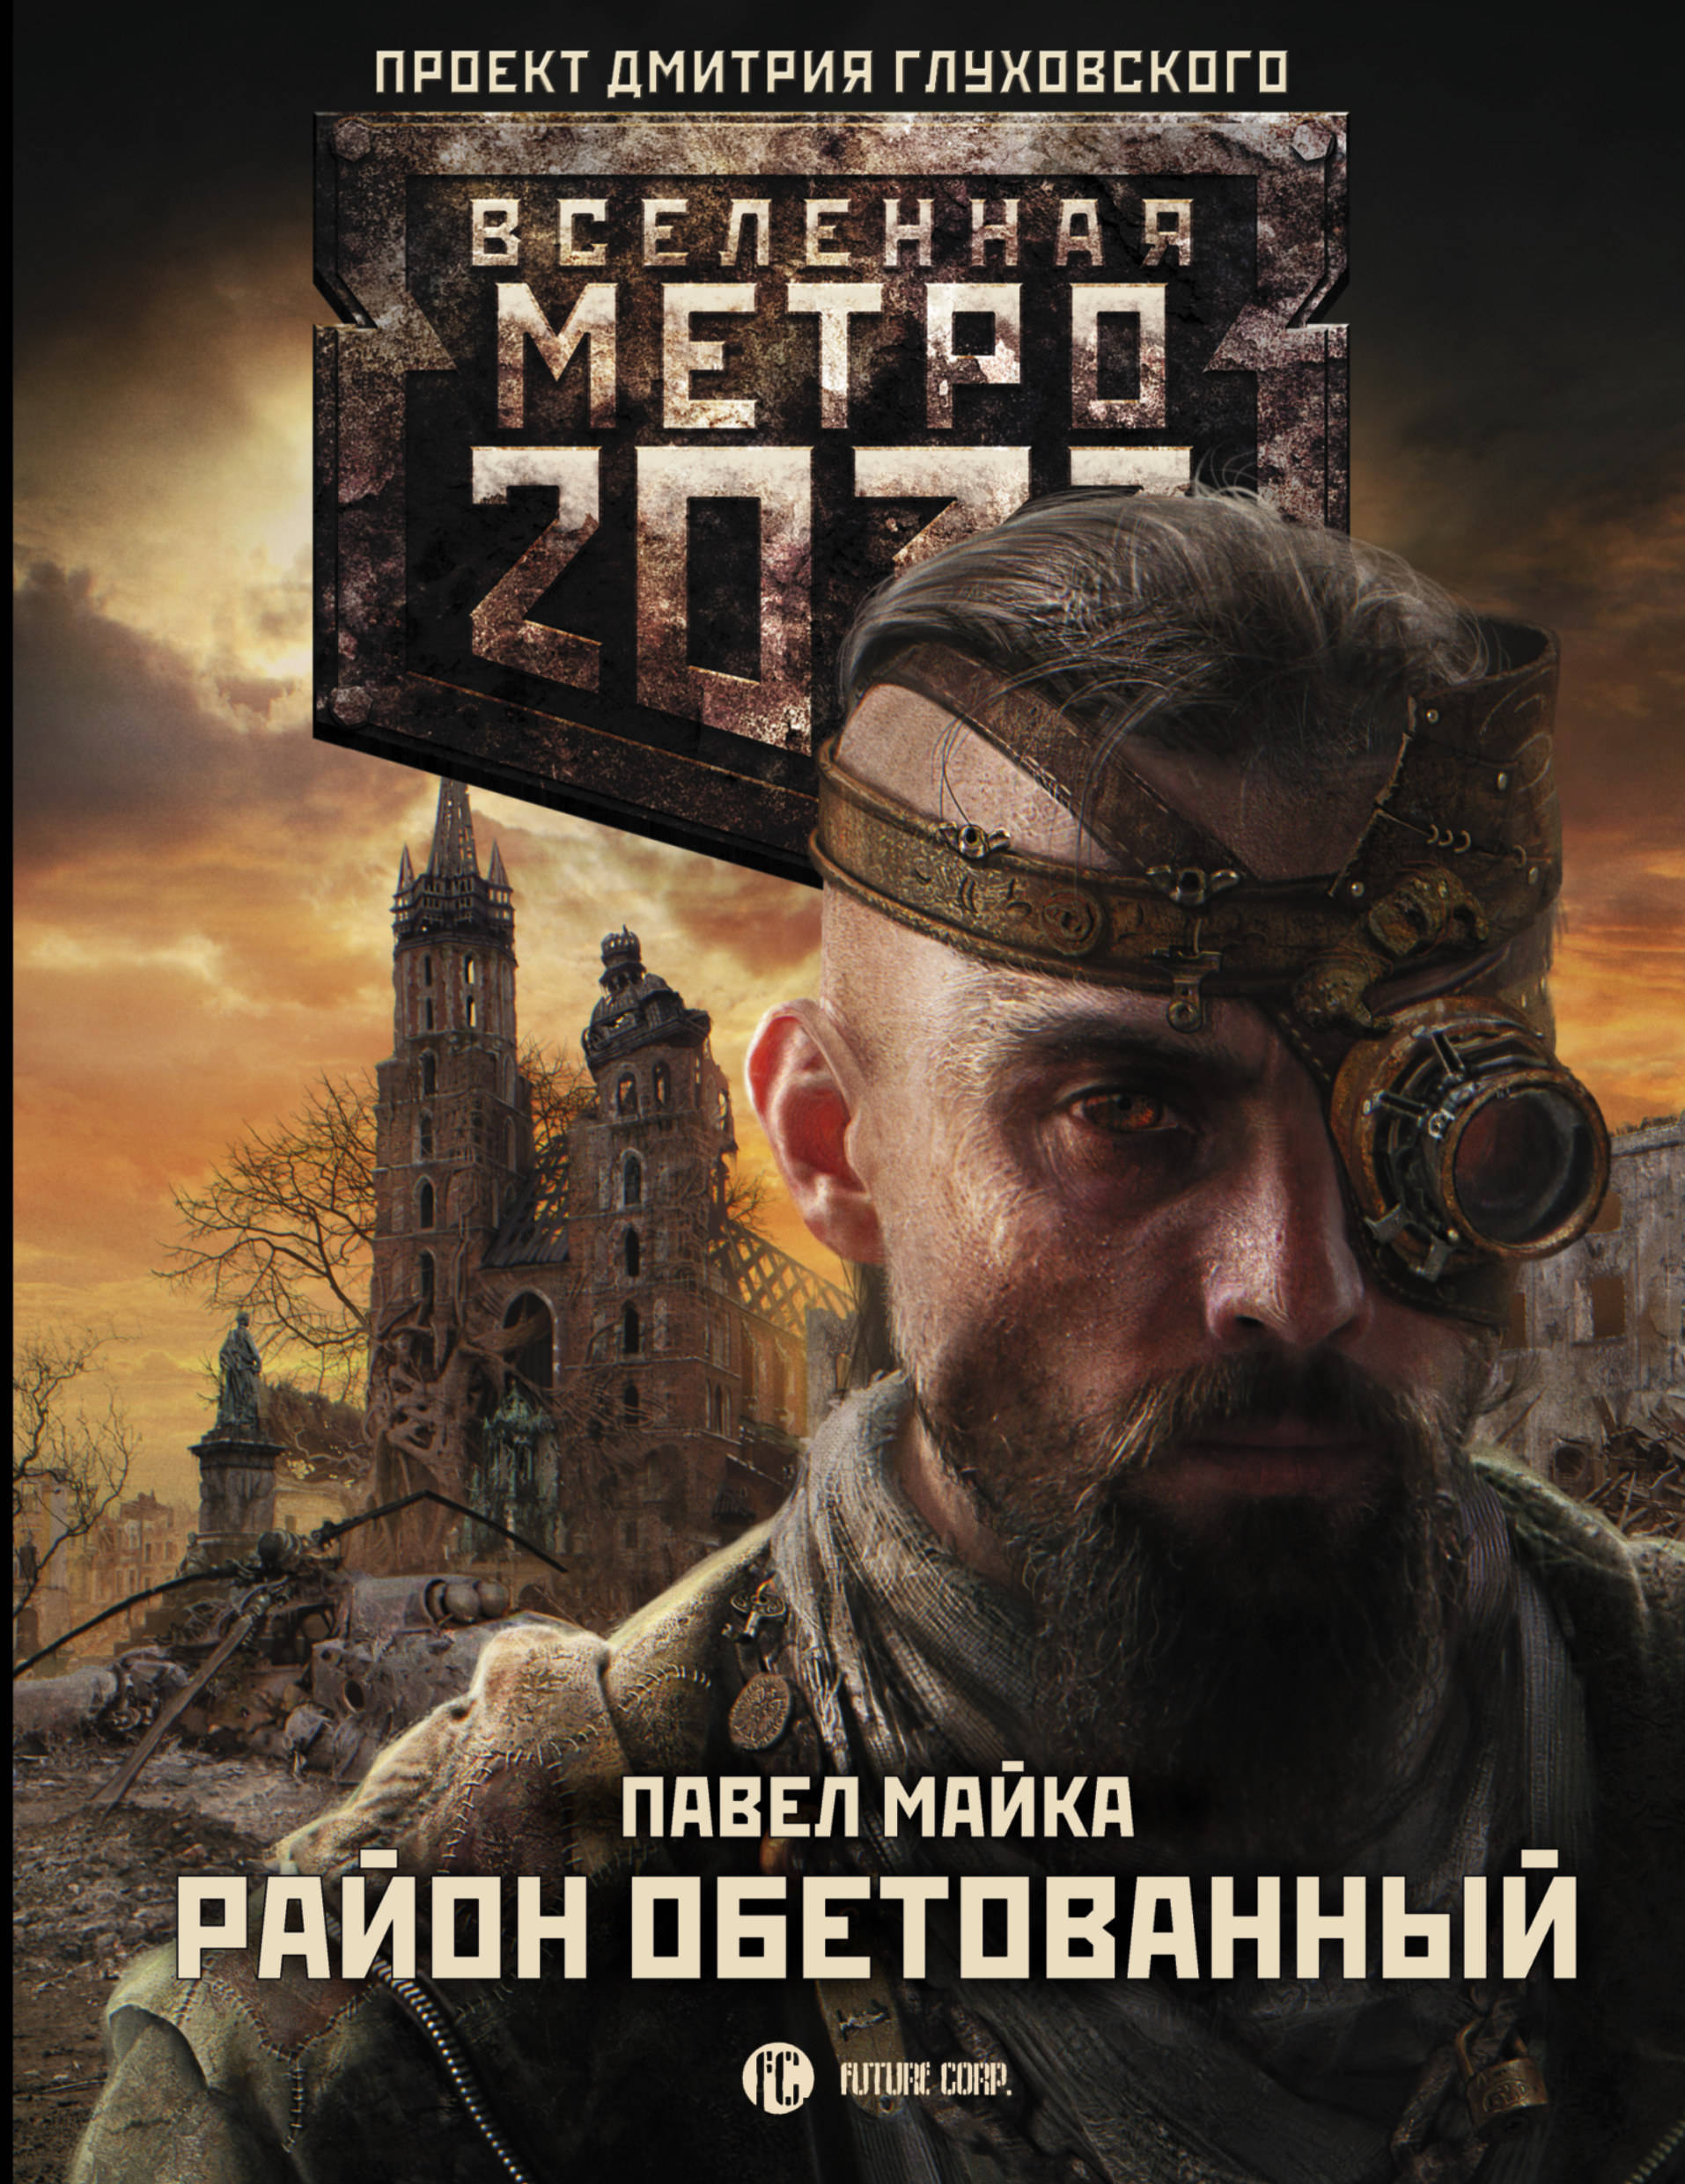 Павел Майка. Метро 2033: Район обетованный